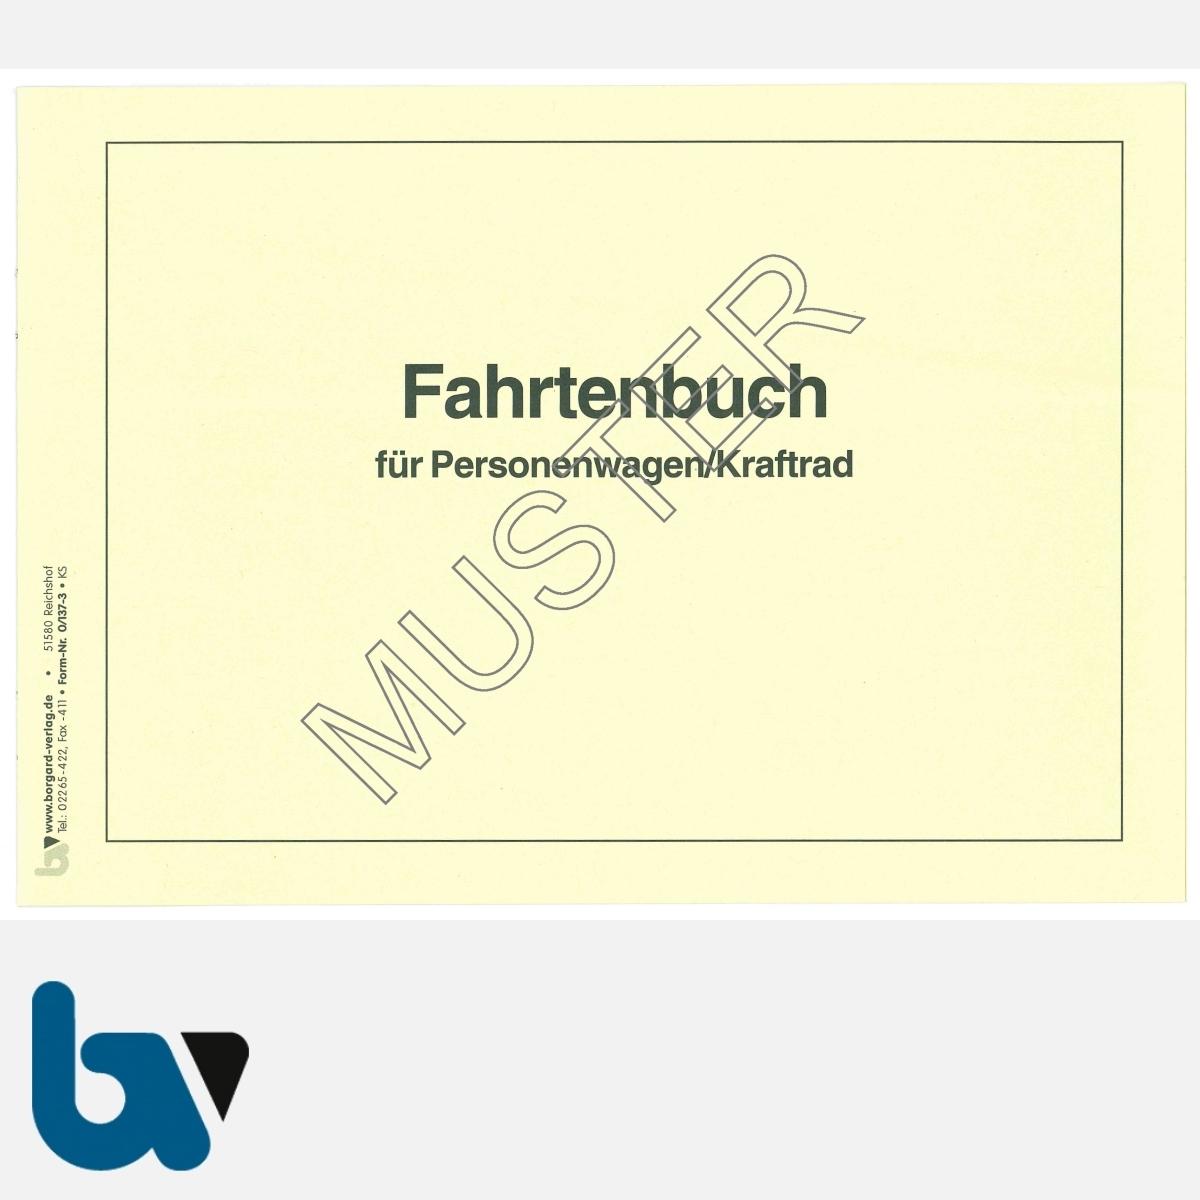 0/137-3 Fahrtenbuch Personenwagen Kraftrad Fahrzeug Lohnsteuer Richtlinie StVO EStG Einkommensteuer Verwaltung Behörde DIN A5 Seite 1 | Borgard Verlag GmbH